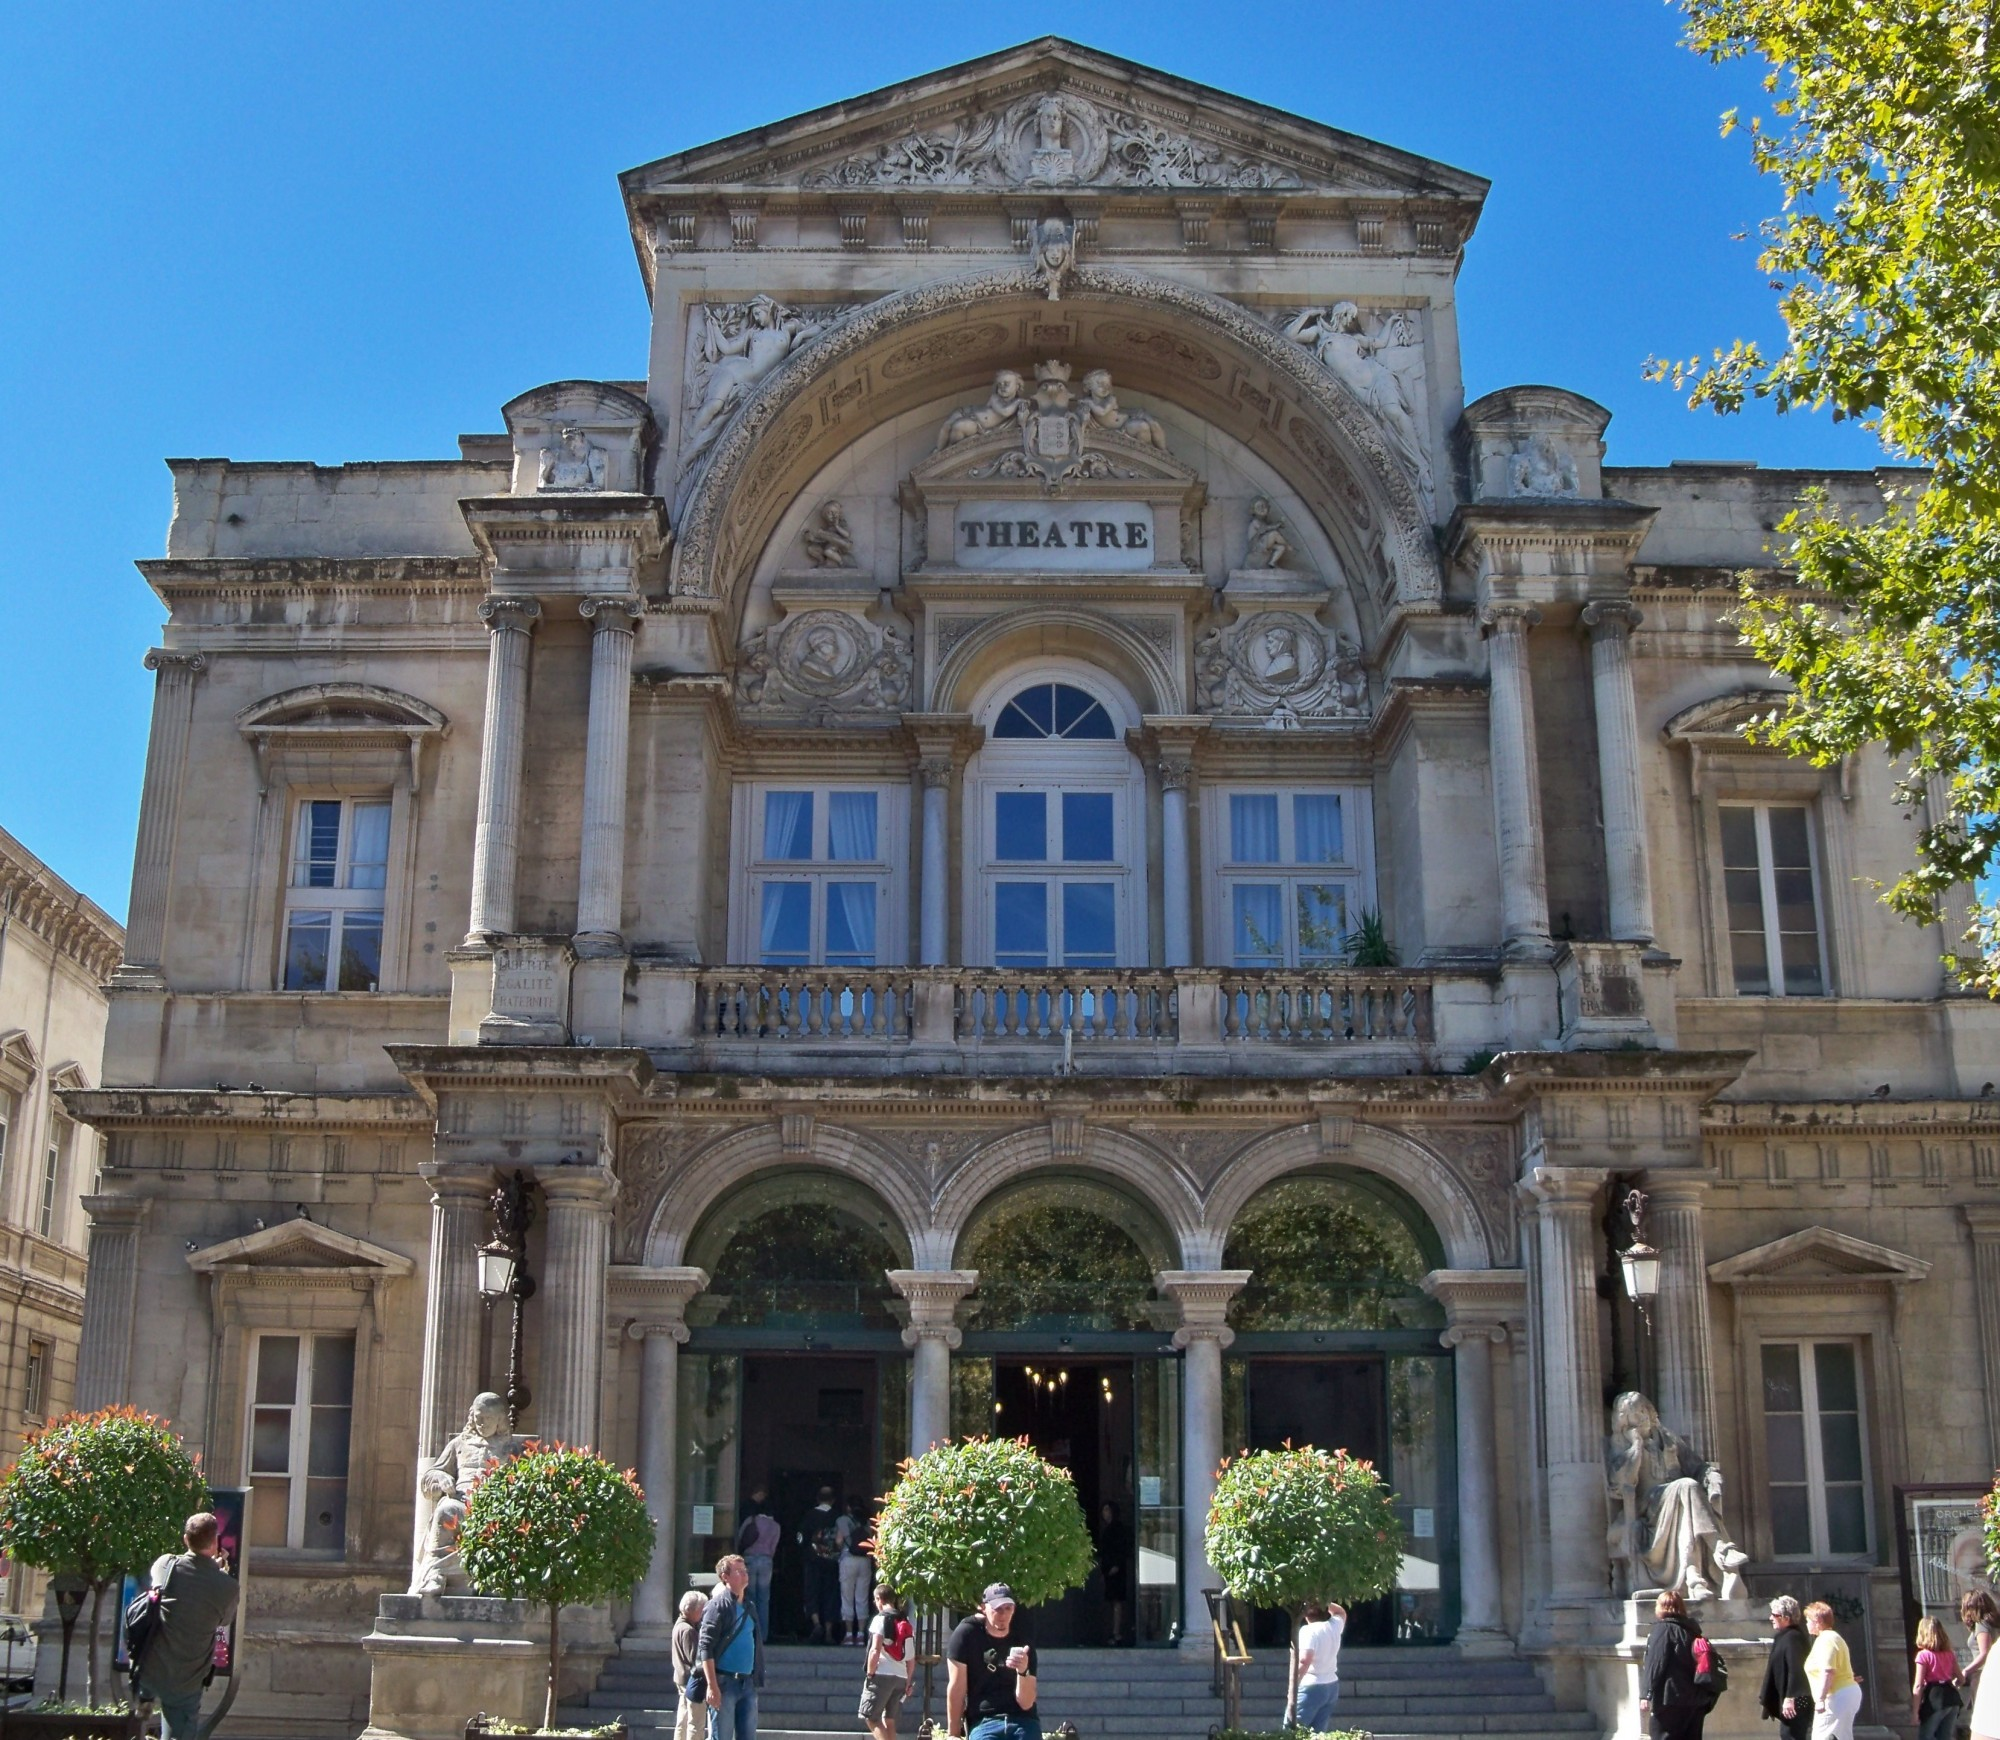 L'opéra d'Avignon, façade principale